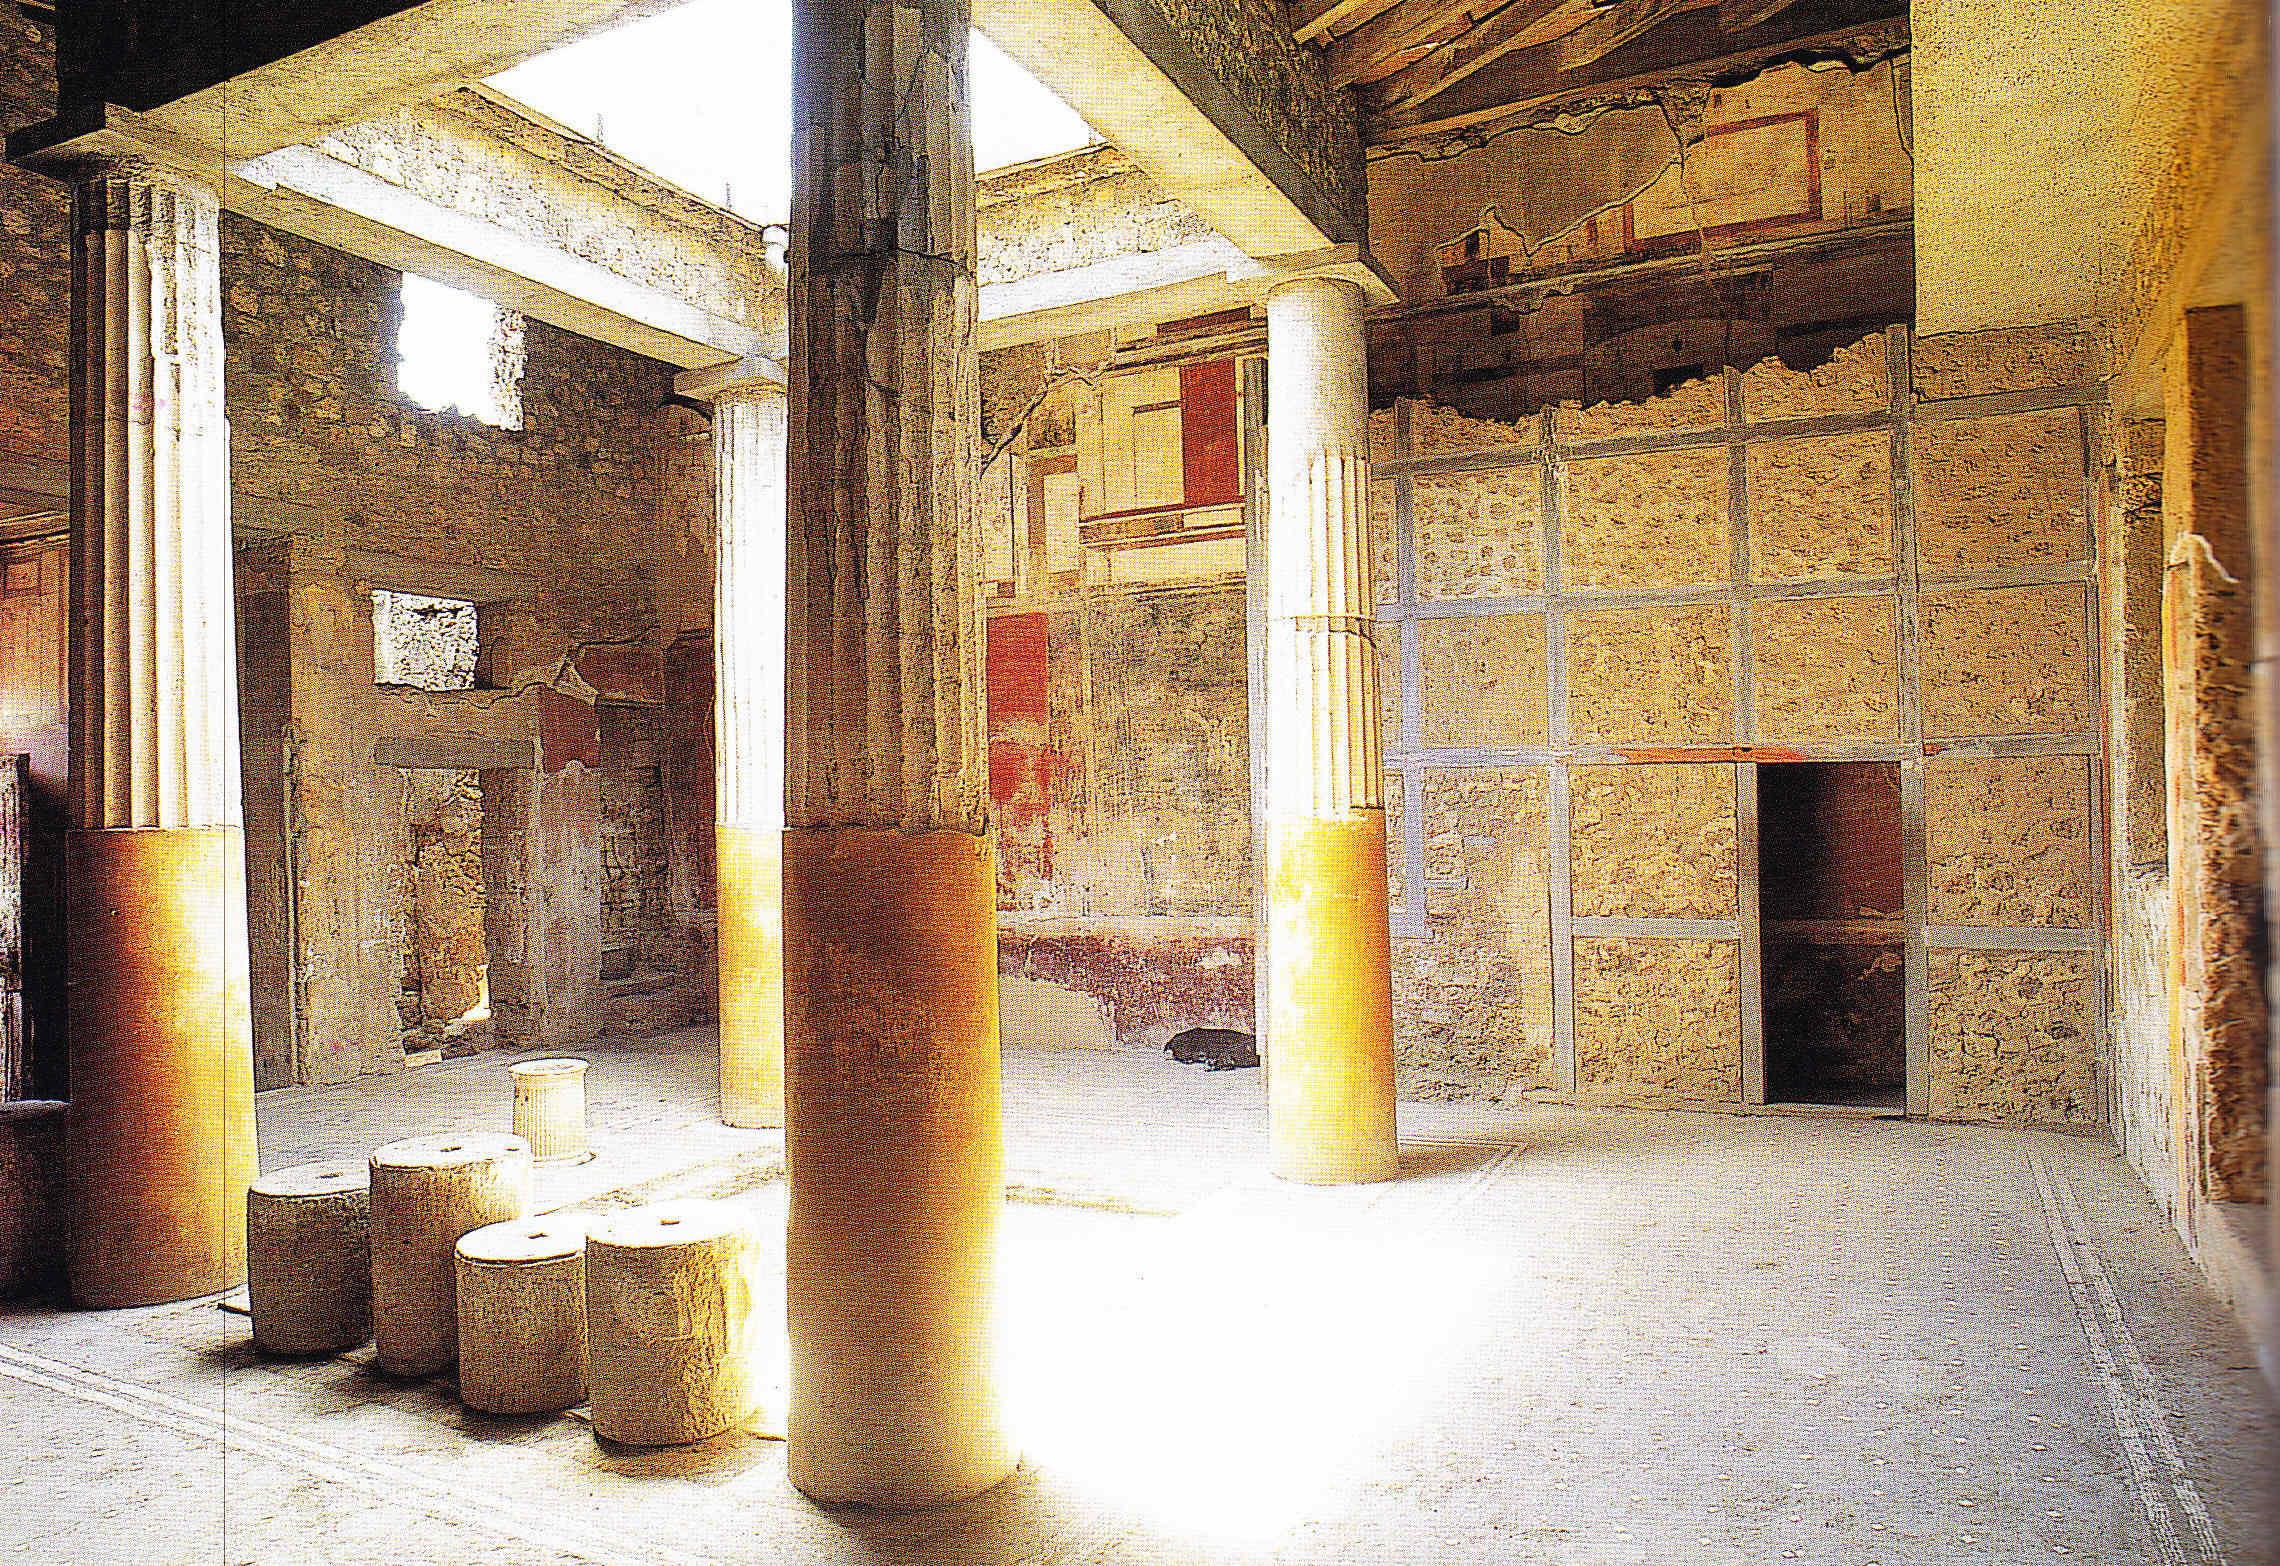 Egipto Antiguo 197 César y sus ideas sensatas y locas